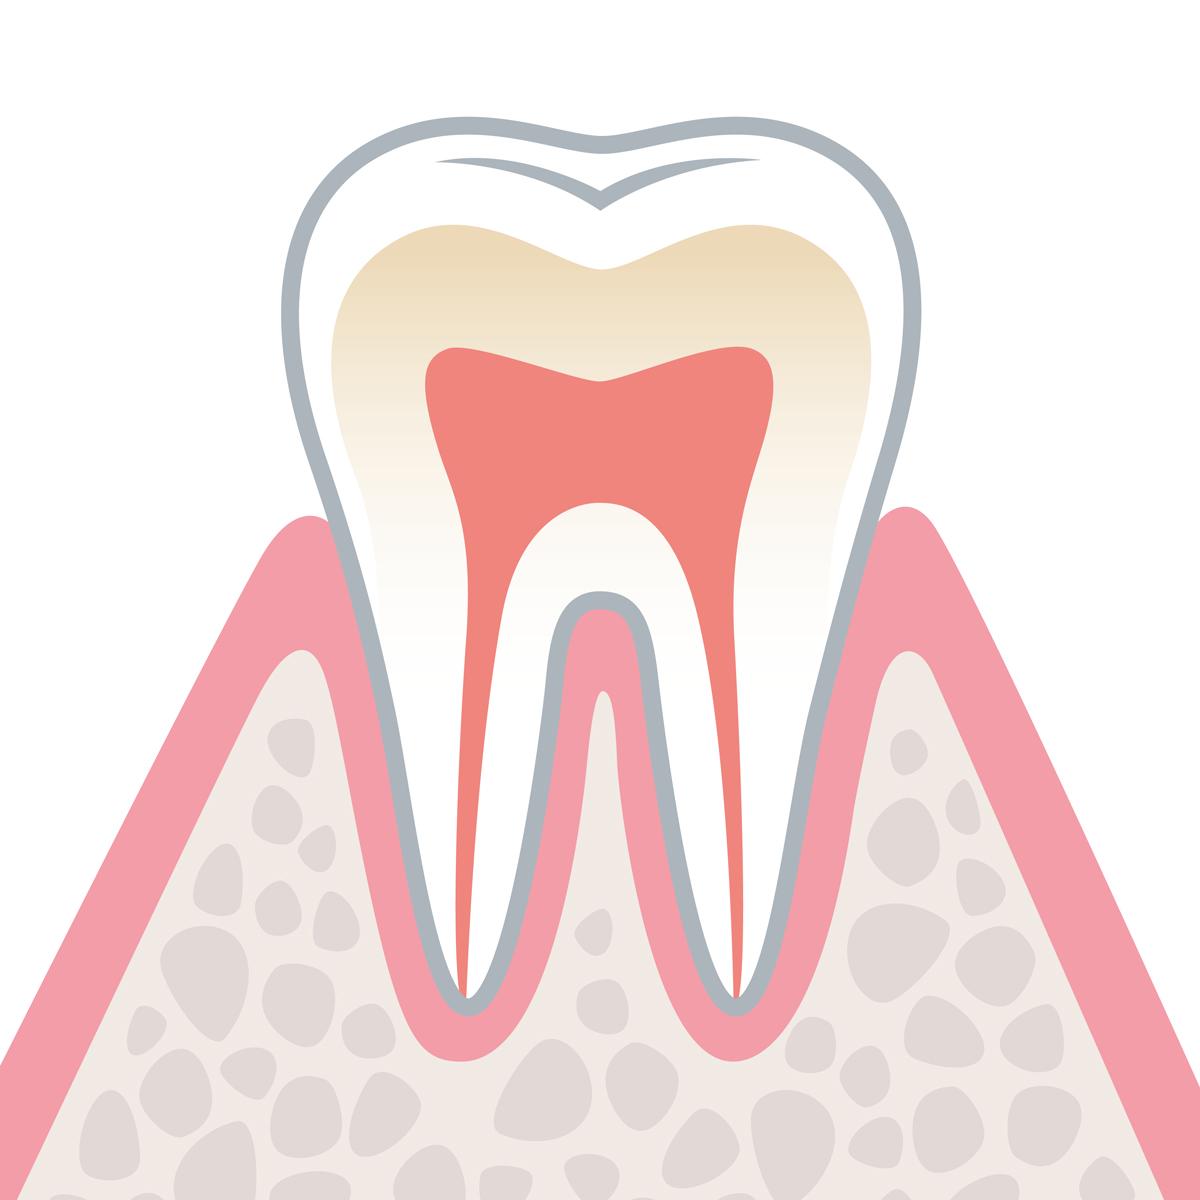 岡山県瀬戸内市内の歯医者 おさふねフレンド歯科 歯周病 健康な状態